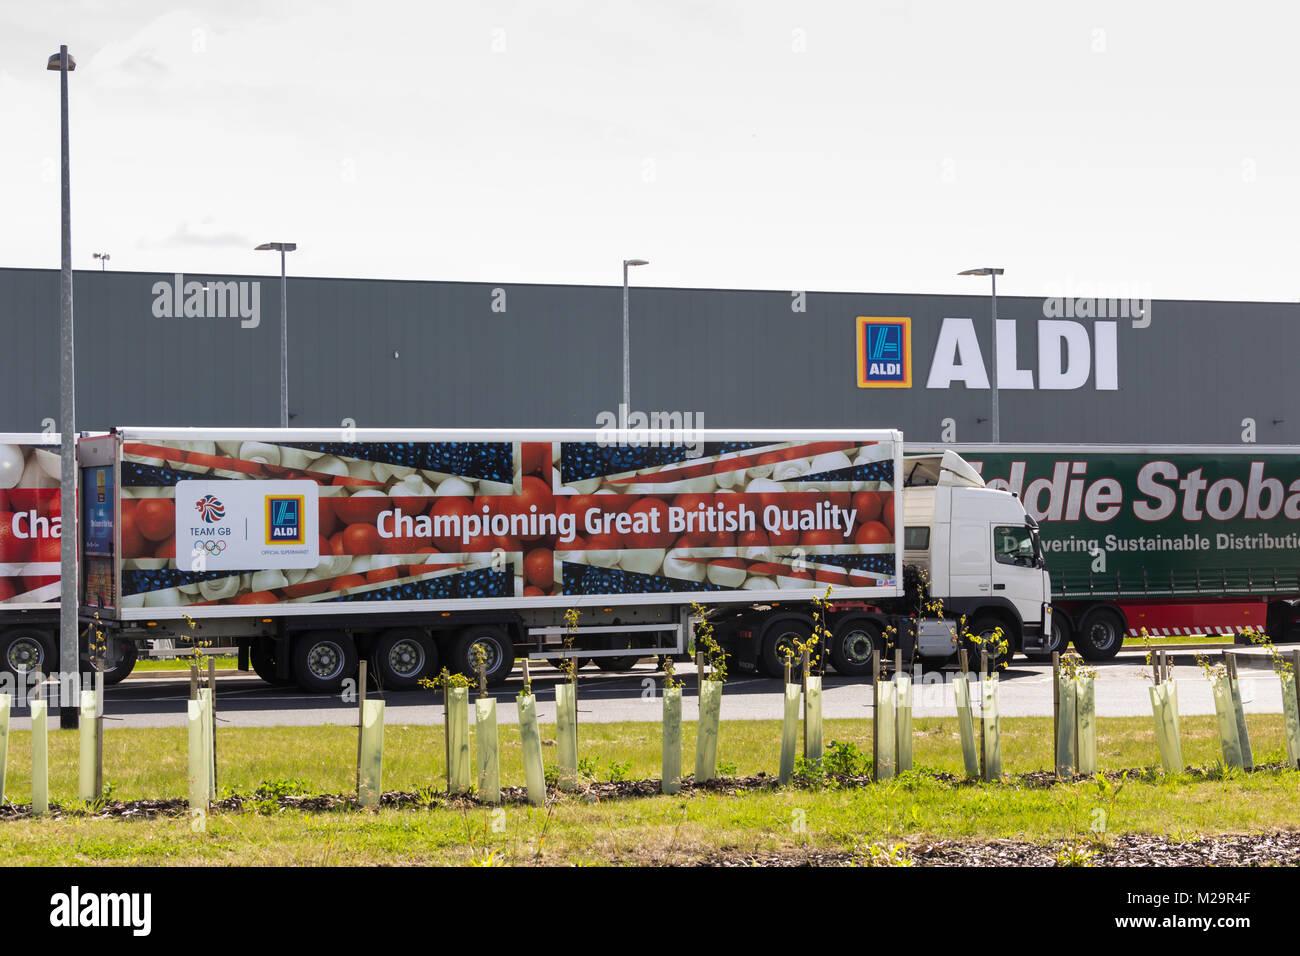 Aldi et Eddie Stobart camions articulés de marque à l'extérieur de l'entrepôt de distribution Photo Stock